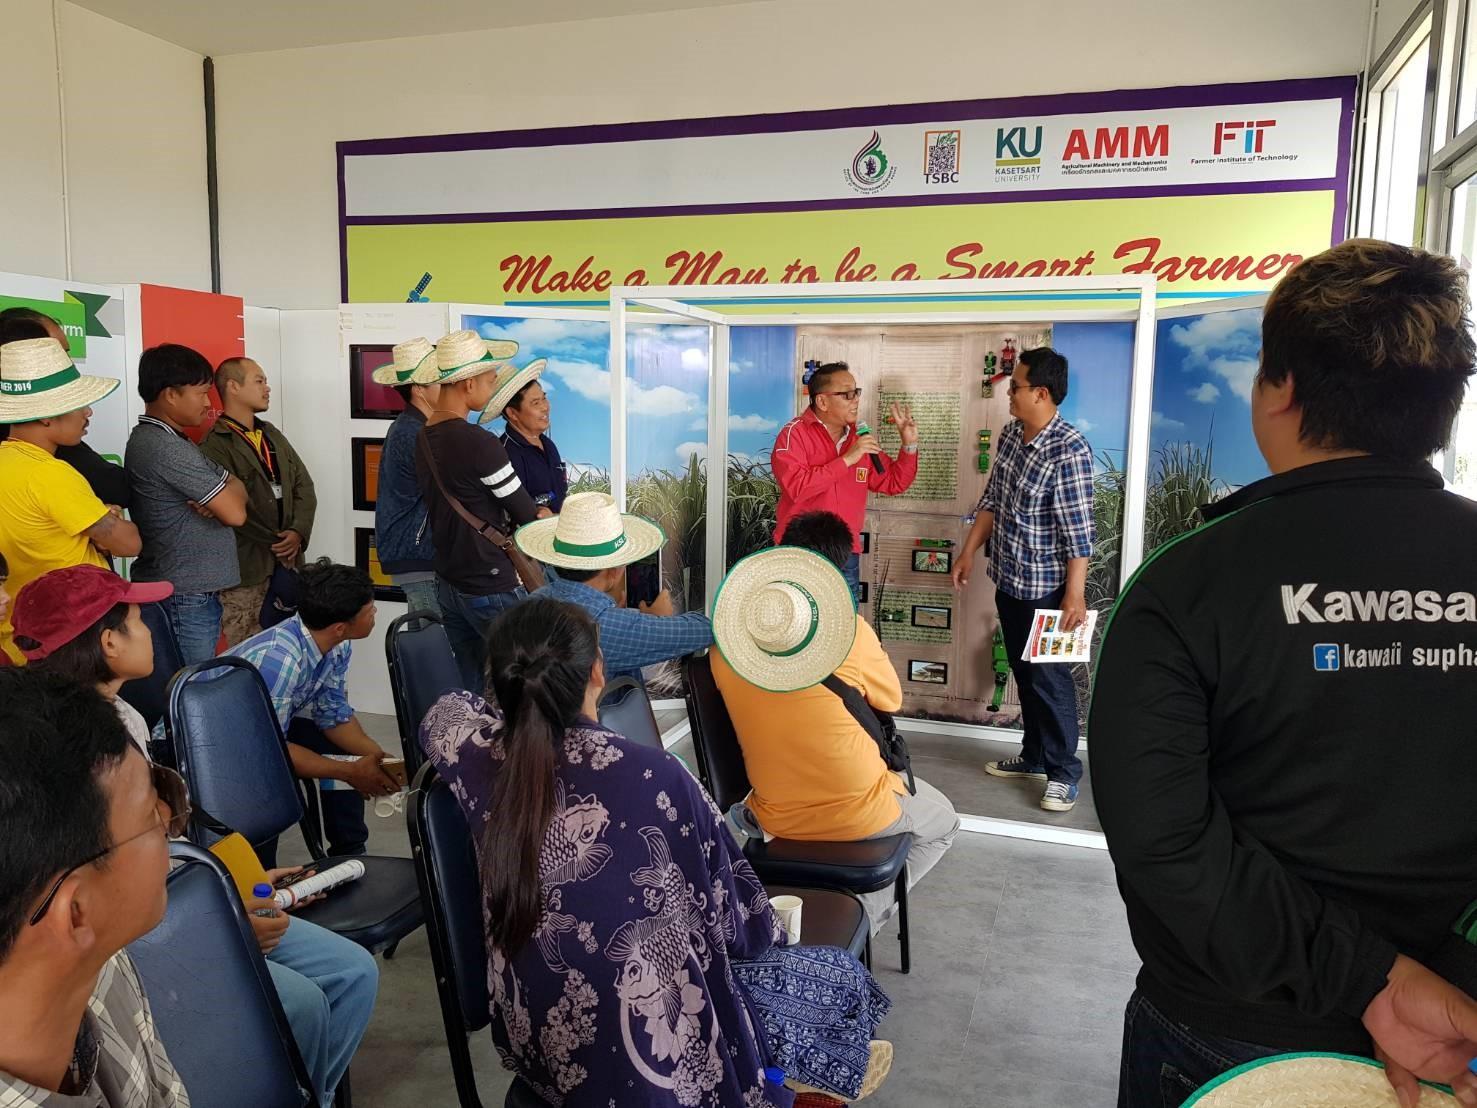 เมื่อวันที่ 8 พฤศจิกายน 2562 บริษัท น้ำตาลขอนแก่น จำกัด นำทีมงาน และชาวไร่อ้อย เข้าศึกษาและดูงาน ณ ศูยน์การปรับปรุงพันธุ์อ้อยแห่งประเทศไทย (Thailand Sugarcane Breeding Center)